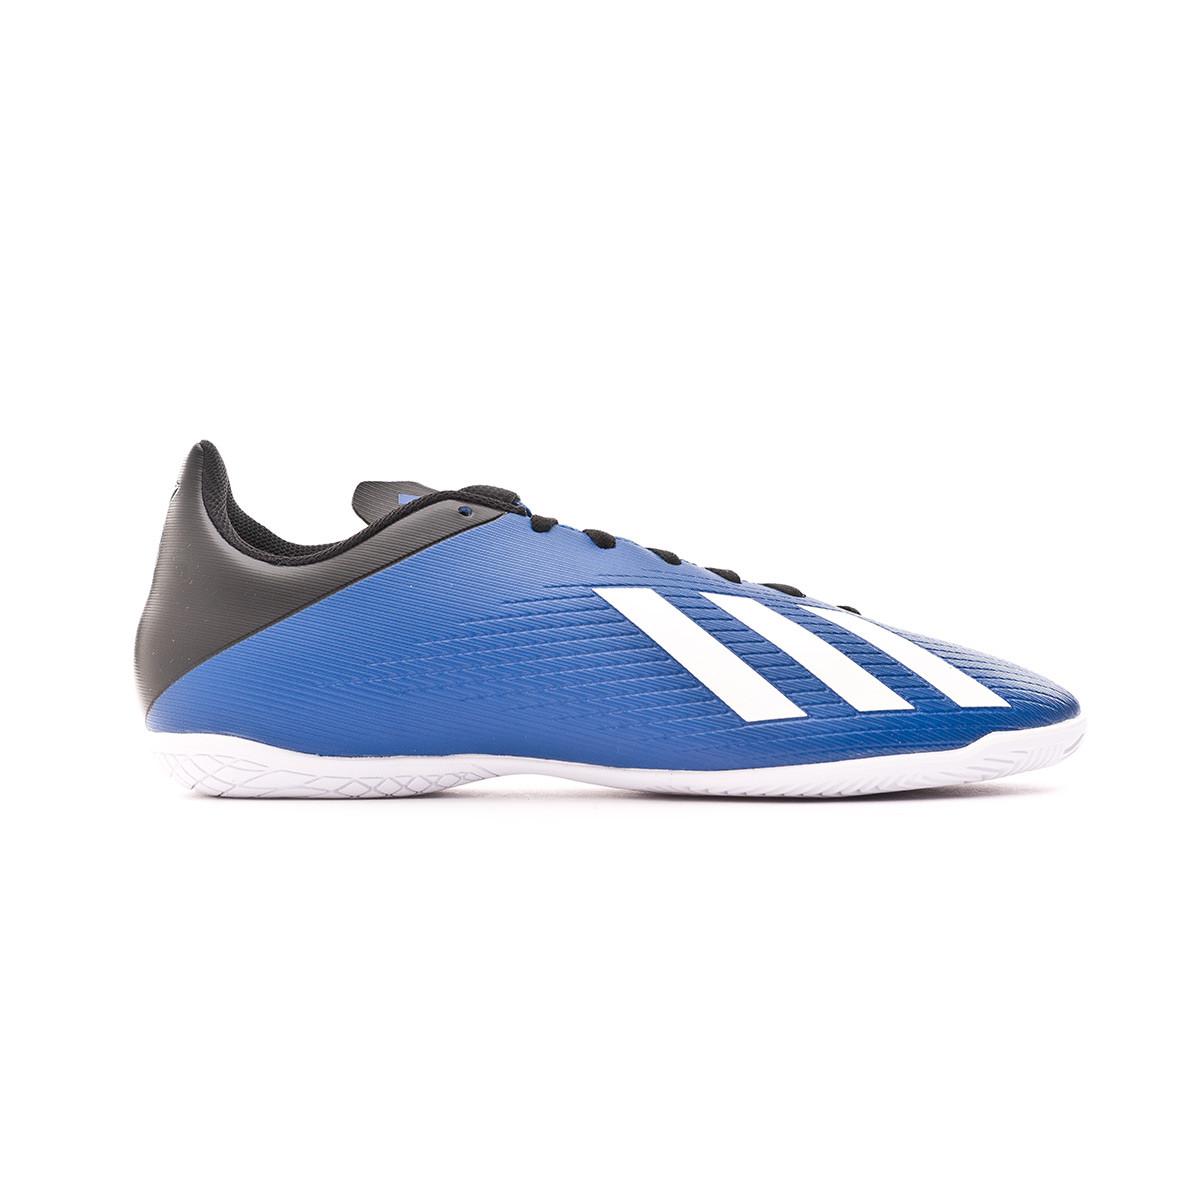 Sapatilha de Futsal adidas X 19.4 IN